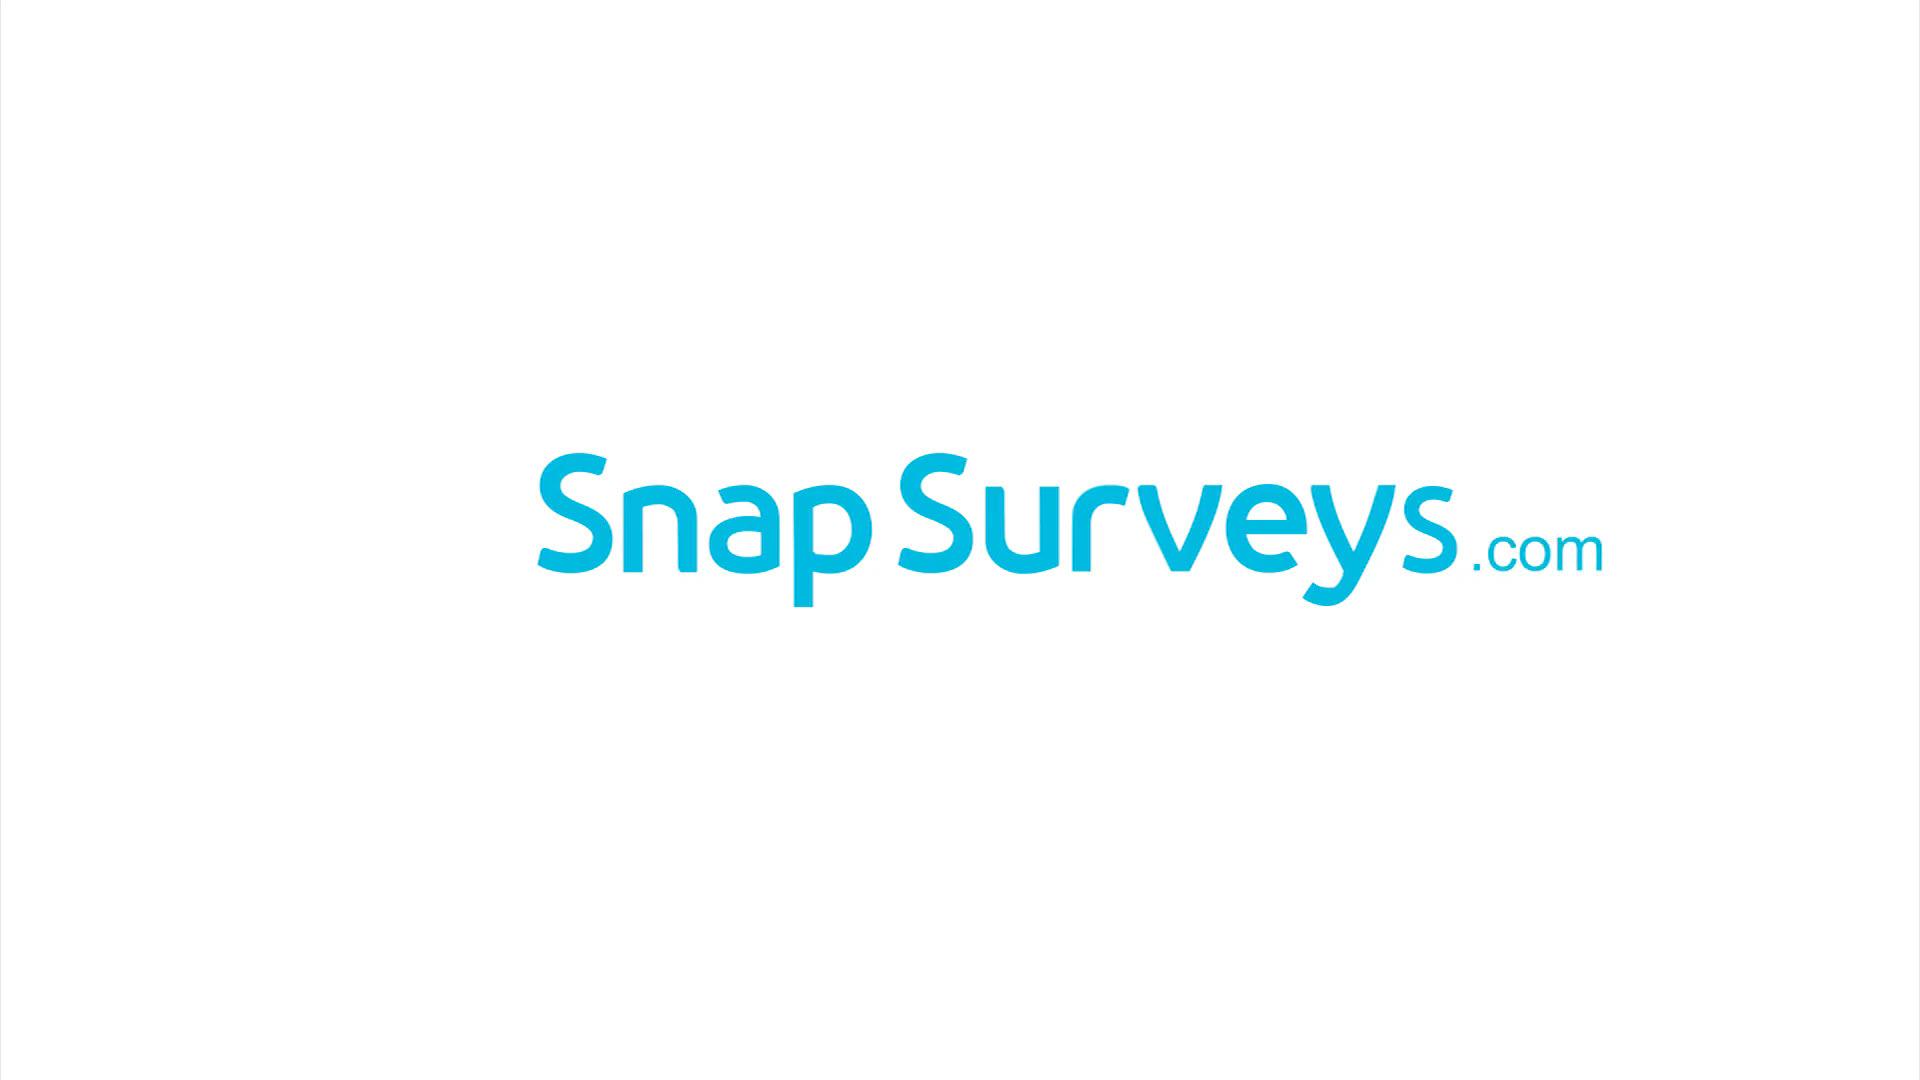 SnapSurveys